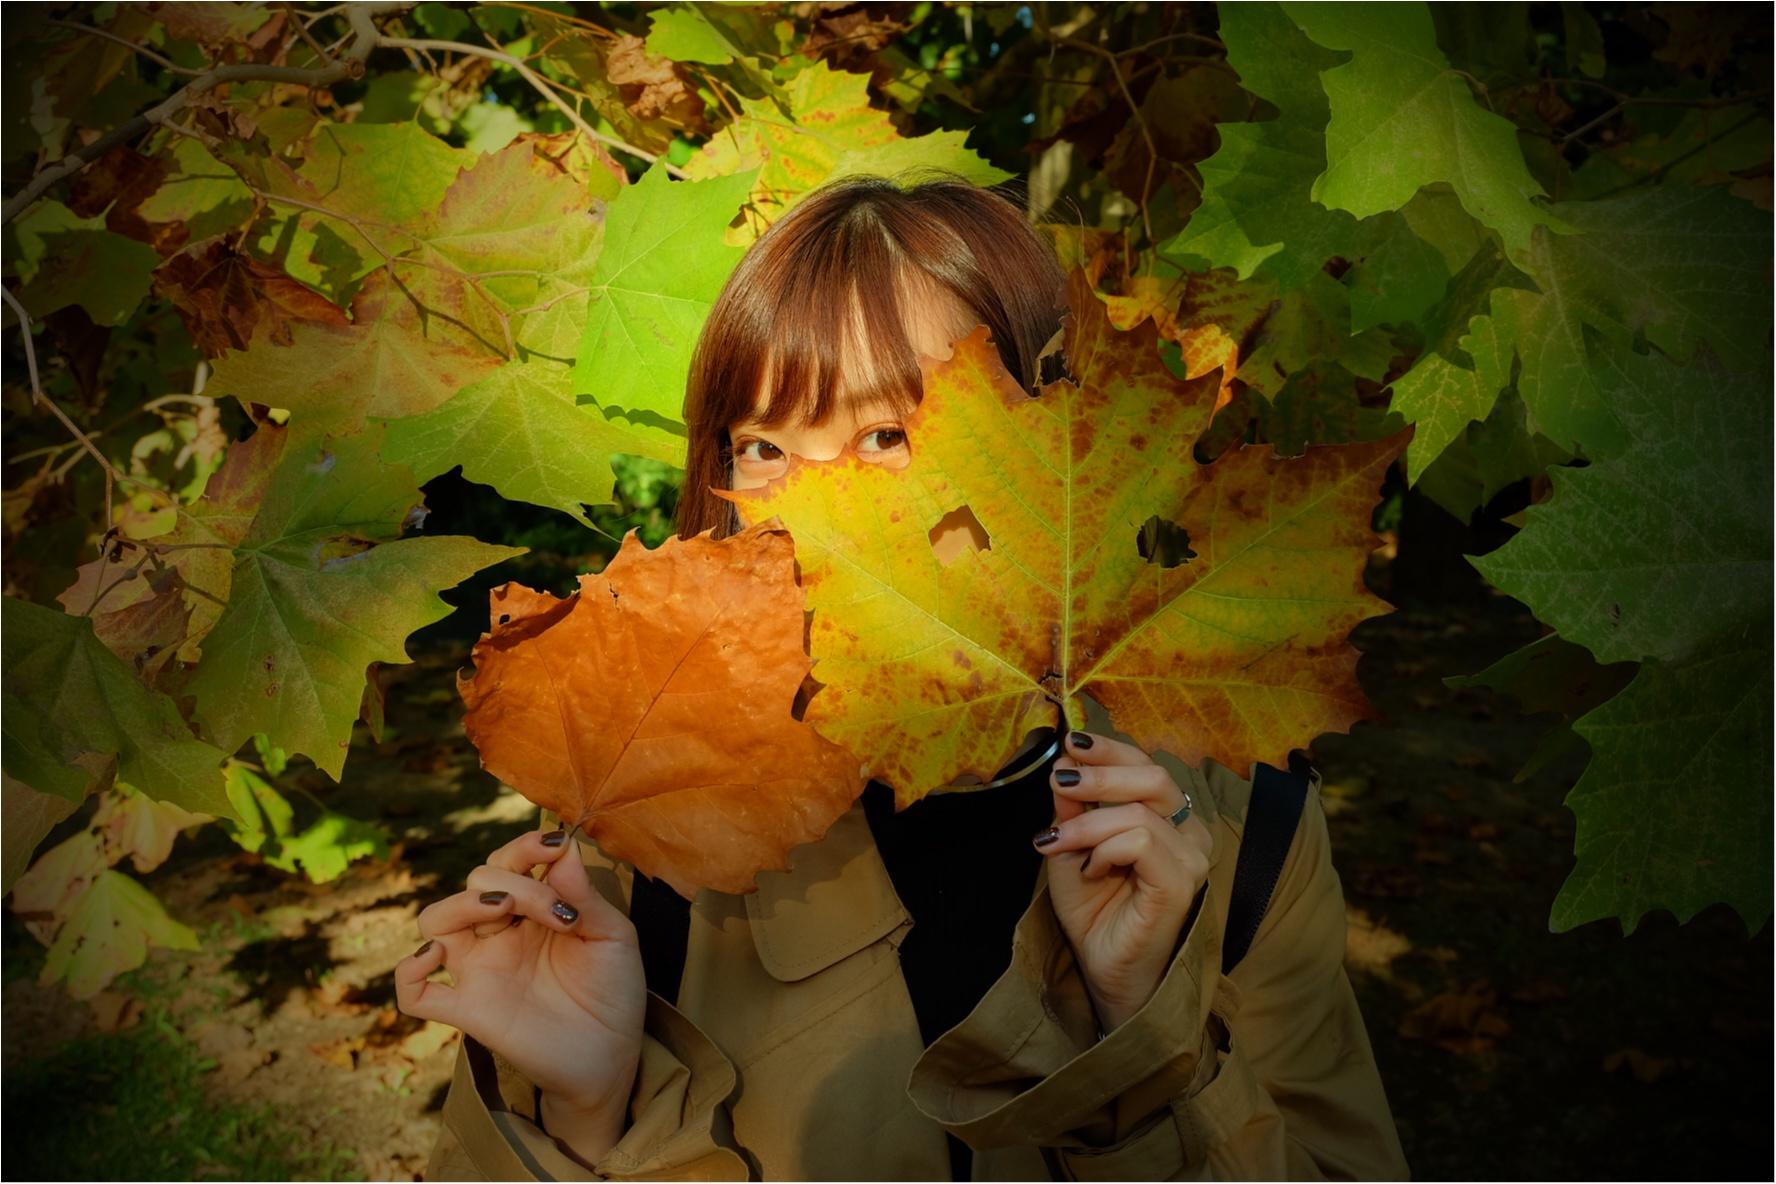 東京でも絶景の紅葉が!《新宿御苑》で秋が始められますよ〜!!フォトスポット&コーディネートも合わせてご紹介!_6